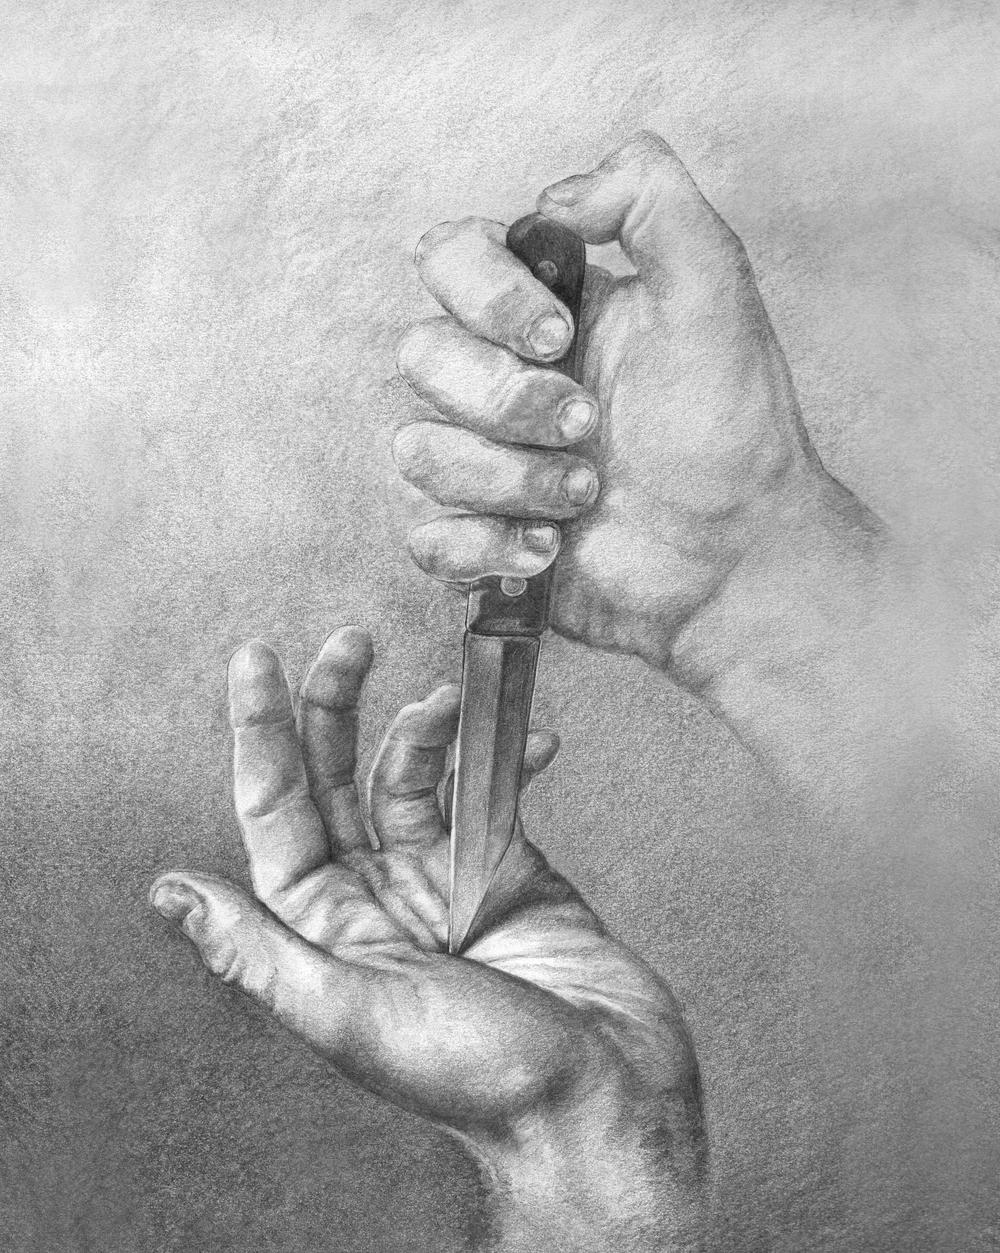 Hands Sketch, 2016